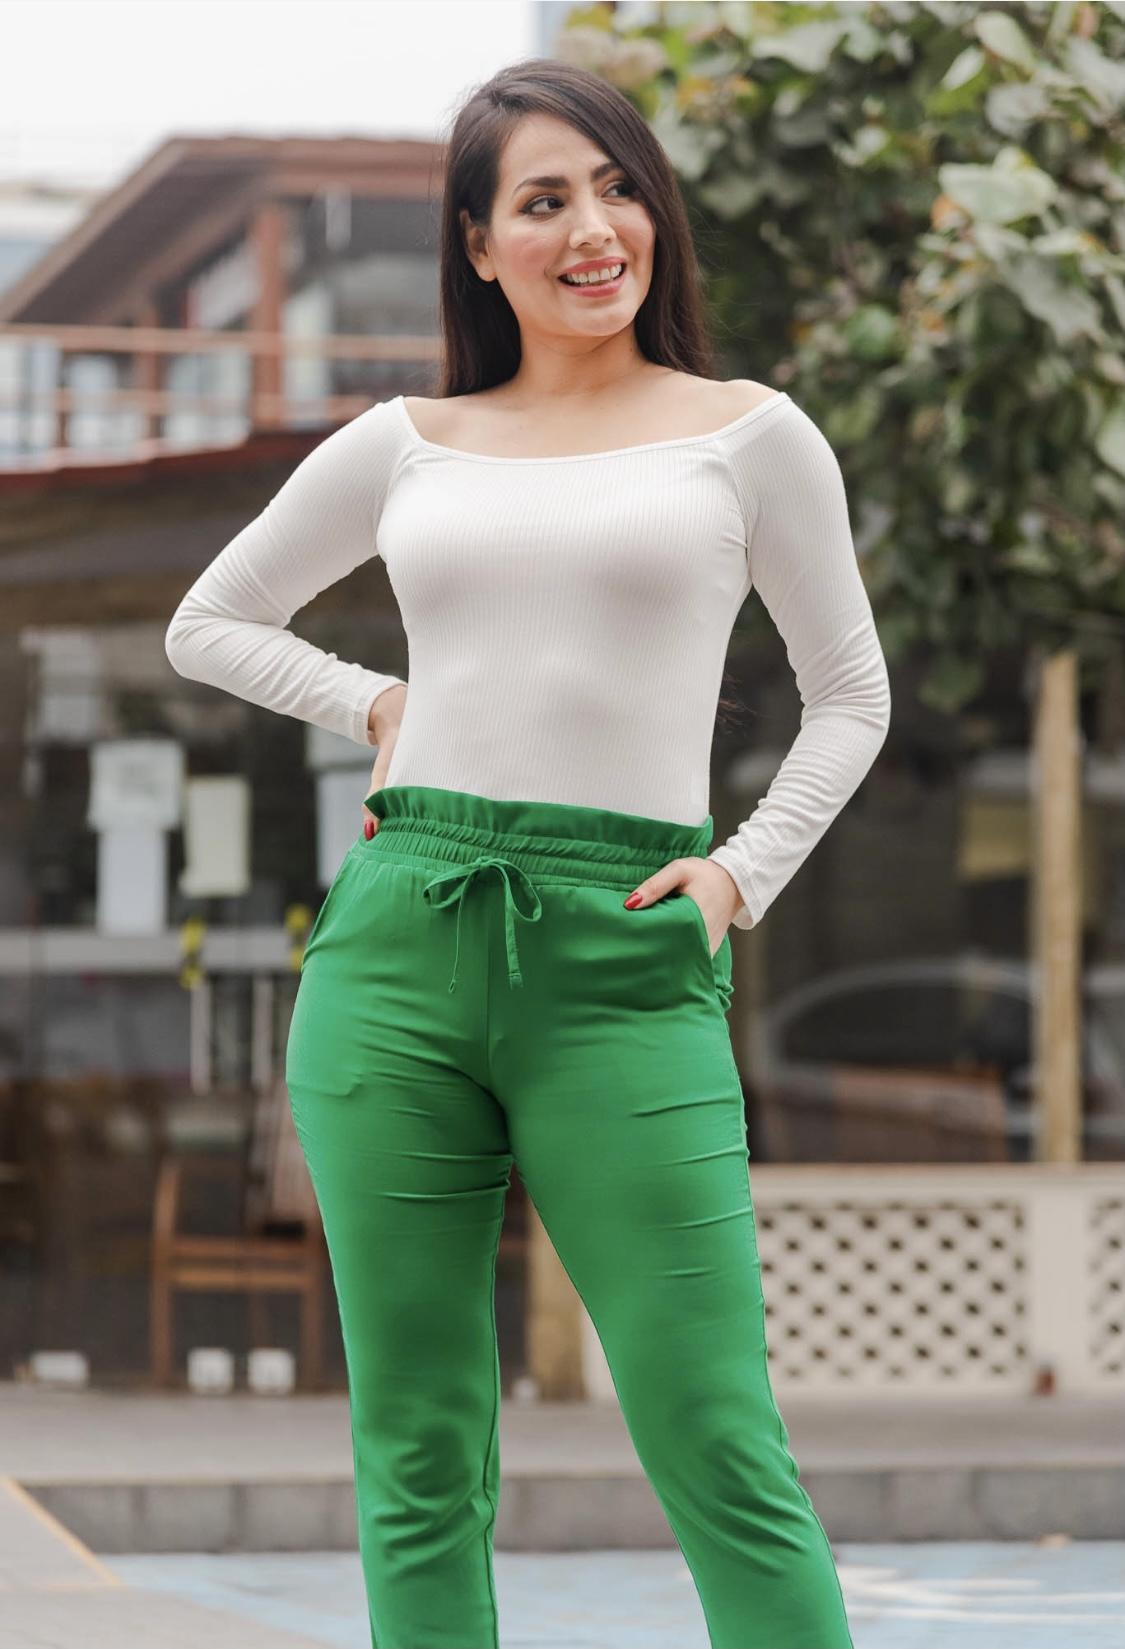 Pantalón tela rayón licrado  Disponible en talla S M L  La talla S es talla 28  La talla M es talla 30  La talla L es talla 32/34